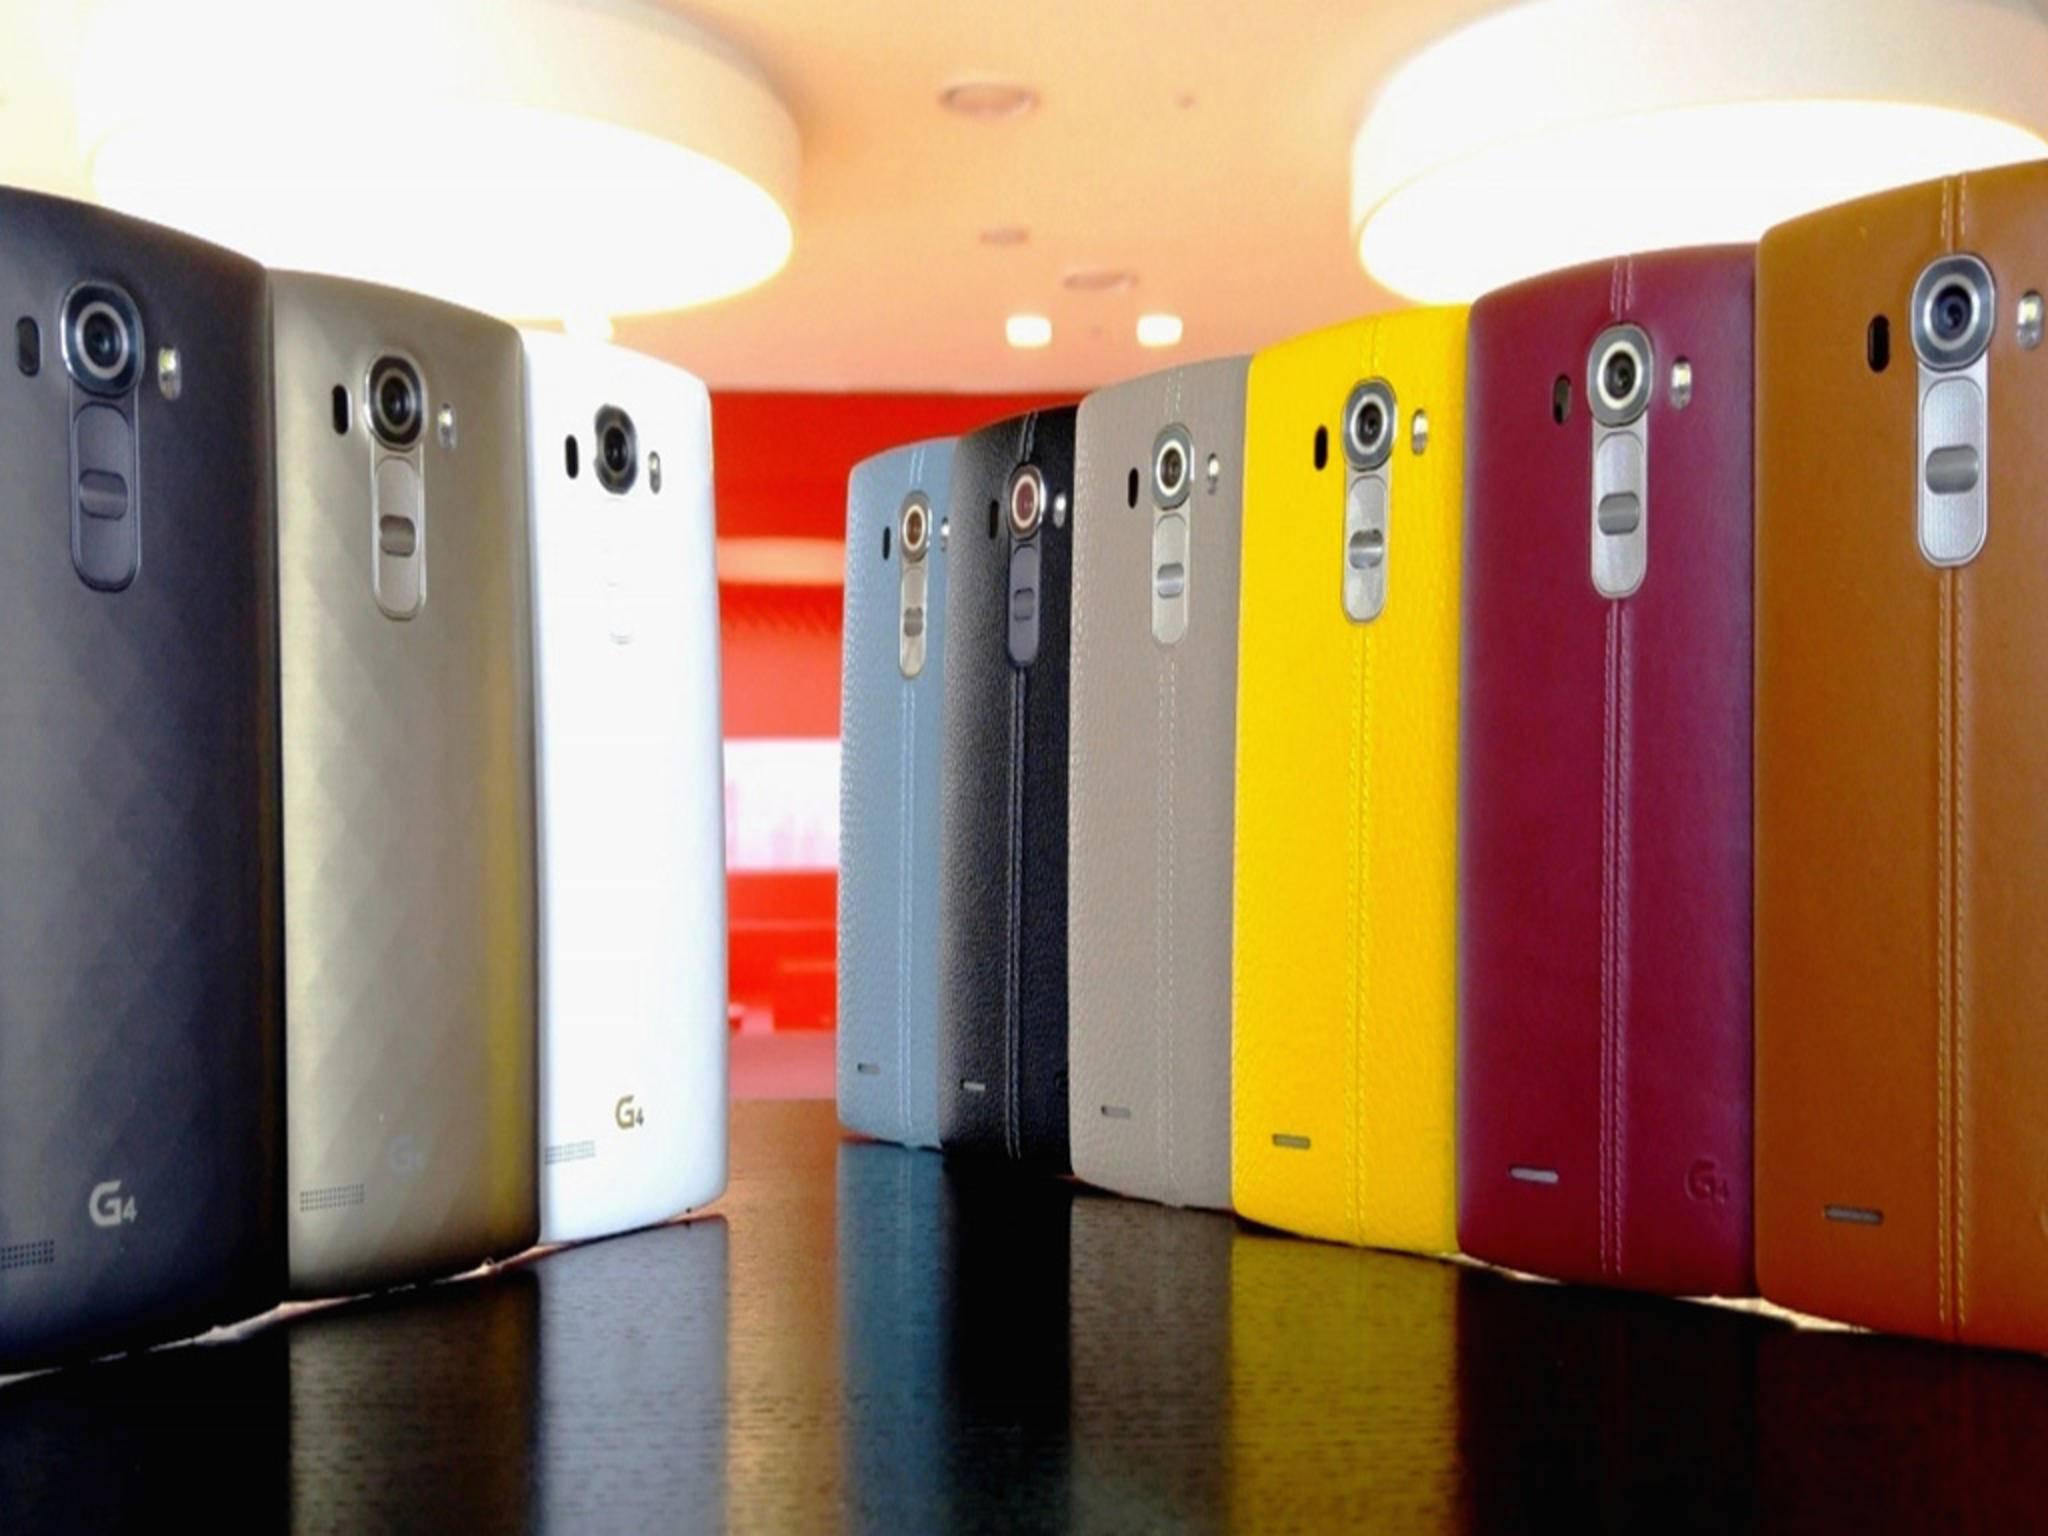 Wird LG beim G5 wieder mutige Design-Entscheidungen wagen?